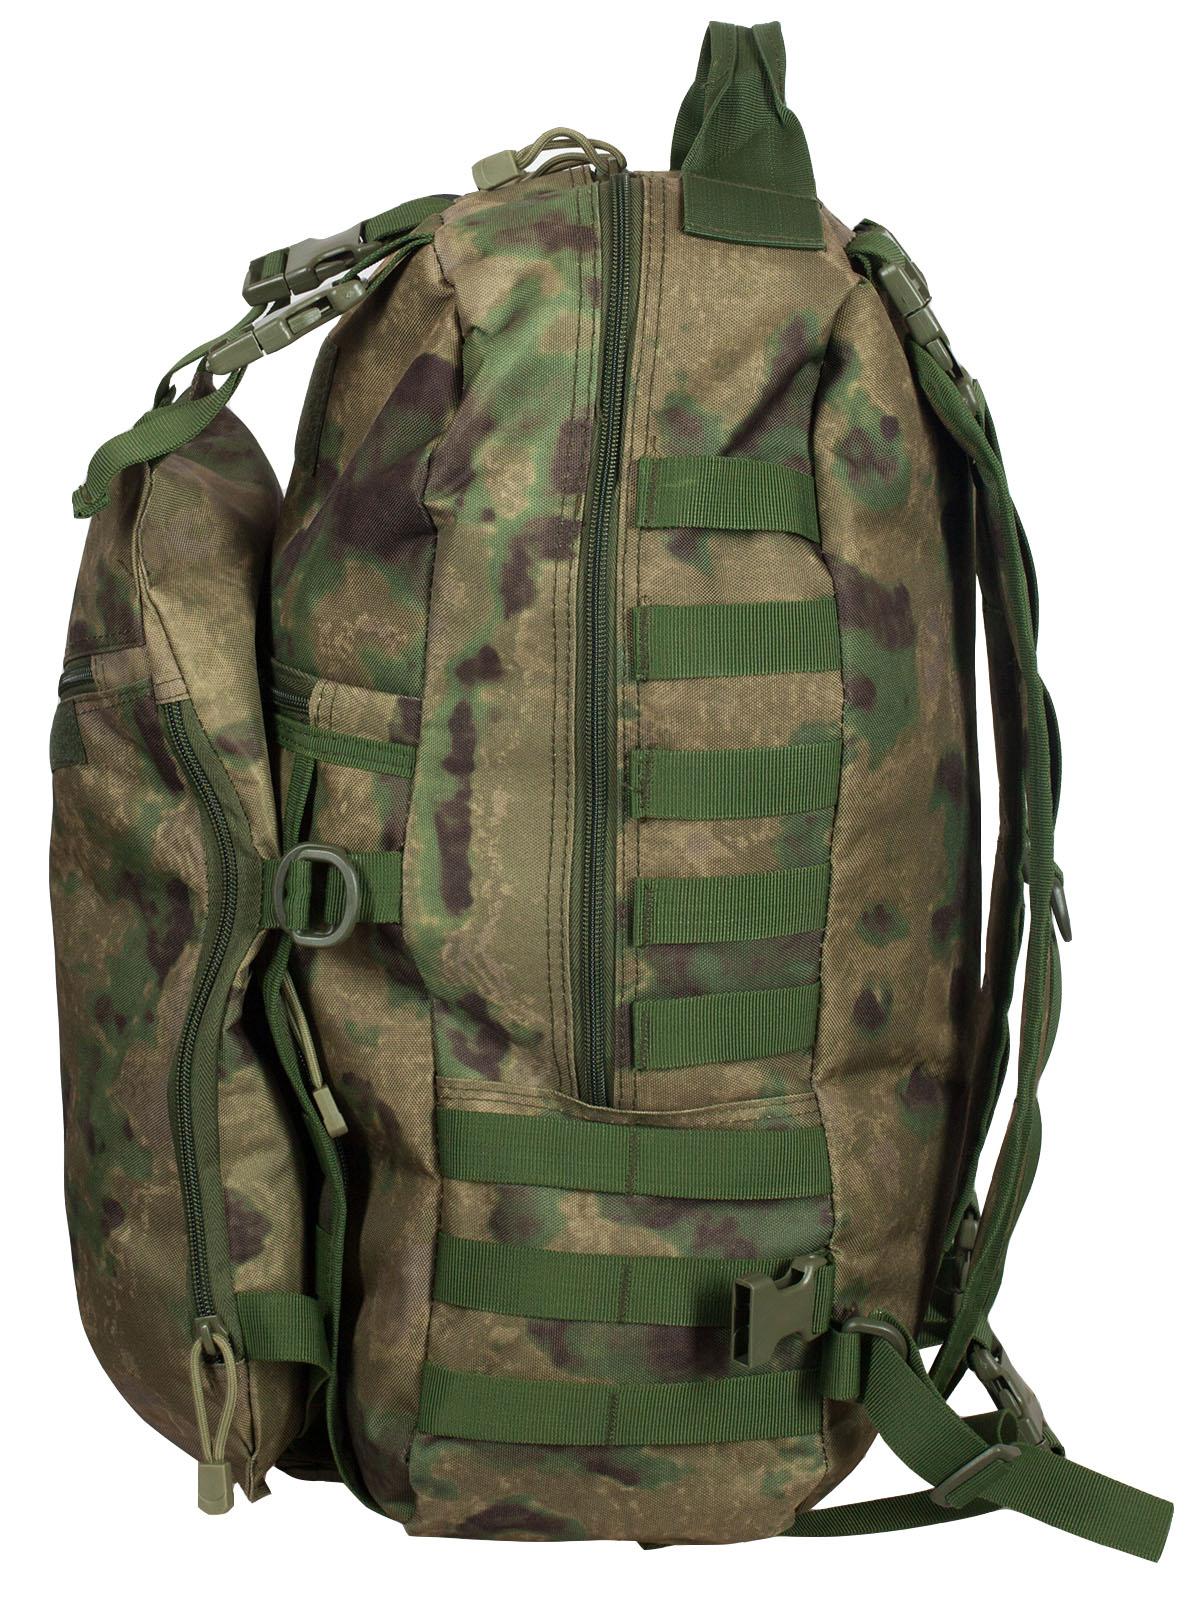 Надежный камуфляжный рюкзак с нашивкой ДПС - купить онлайн